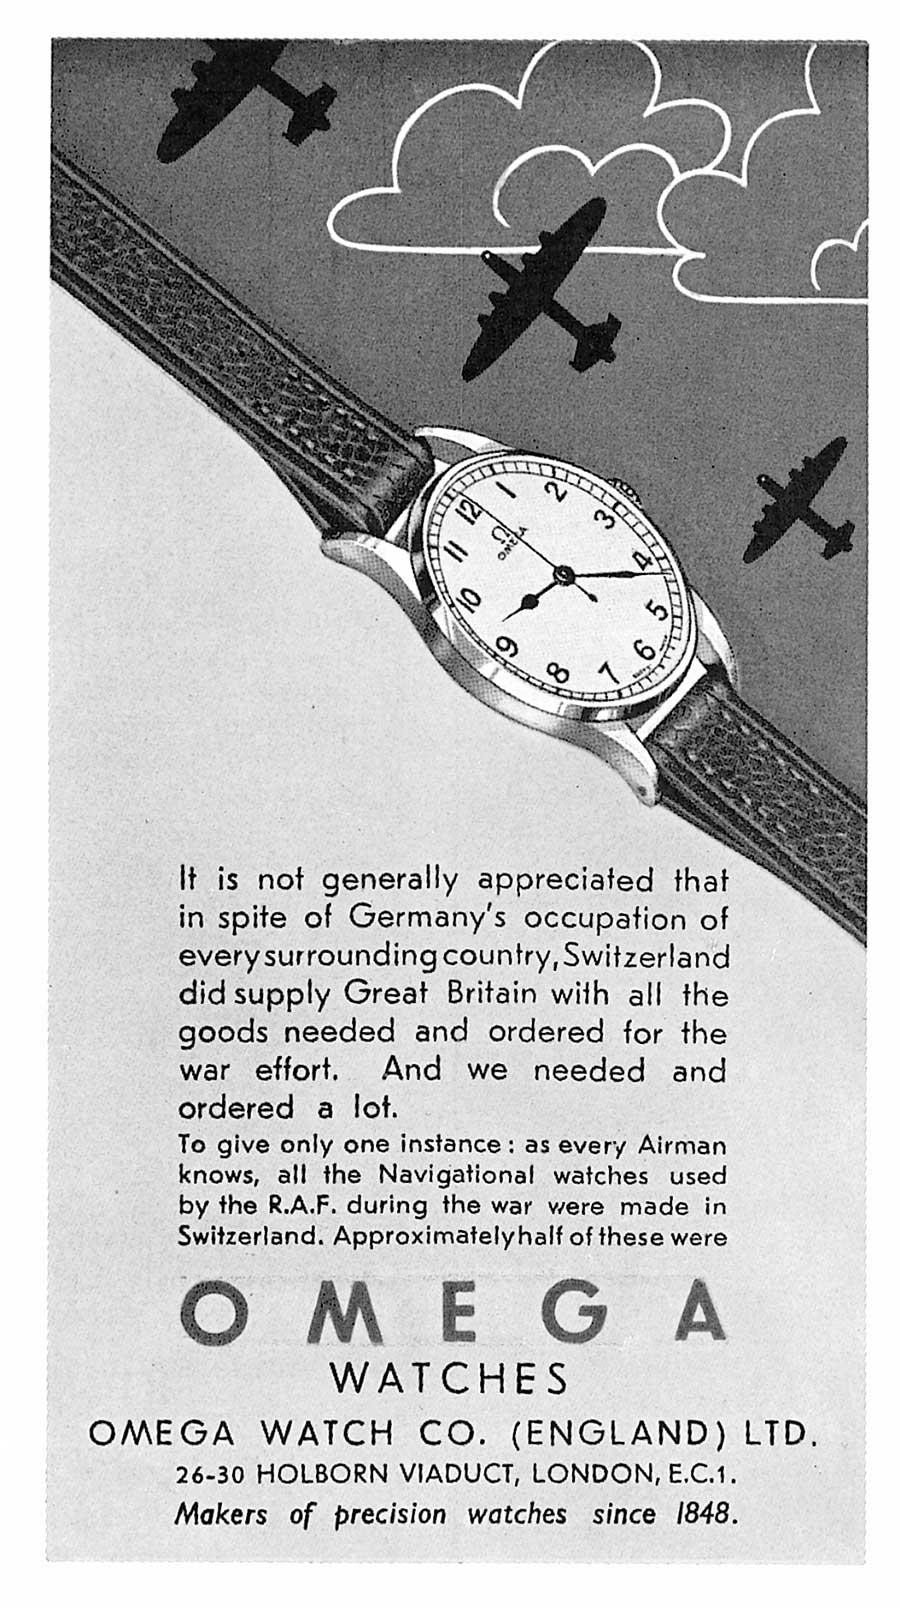 Omega advert 1945